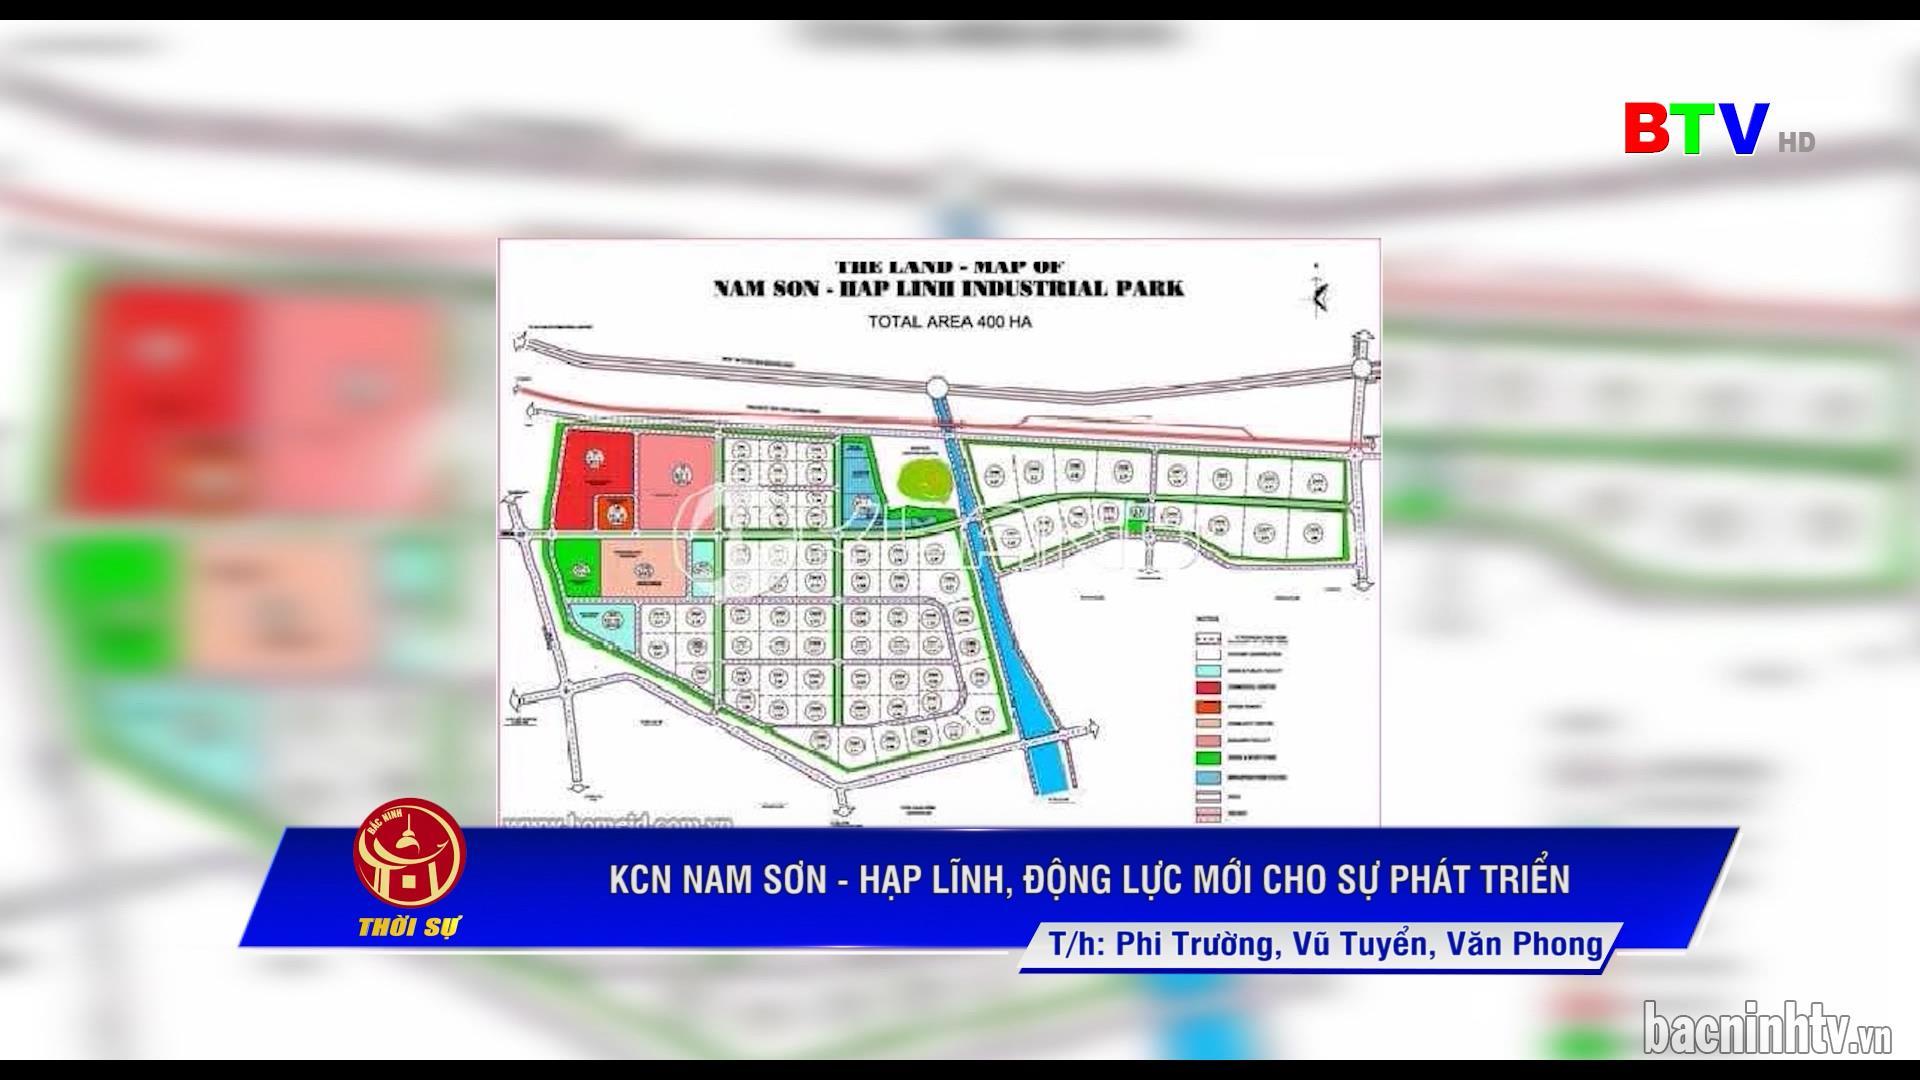 Khu Công nghiệp Nam Sơn, Hạp Lĩnh động lực mới cho sự phát triển